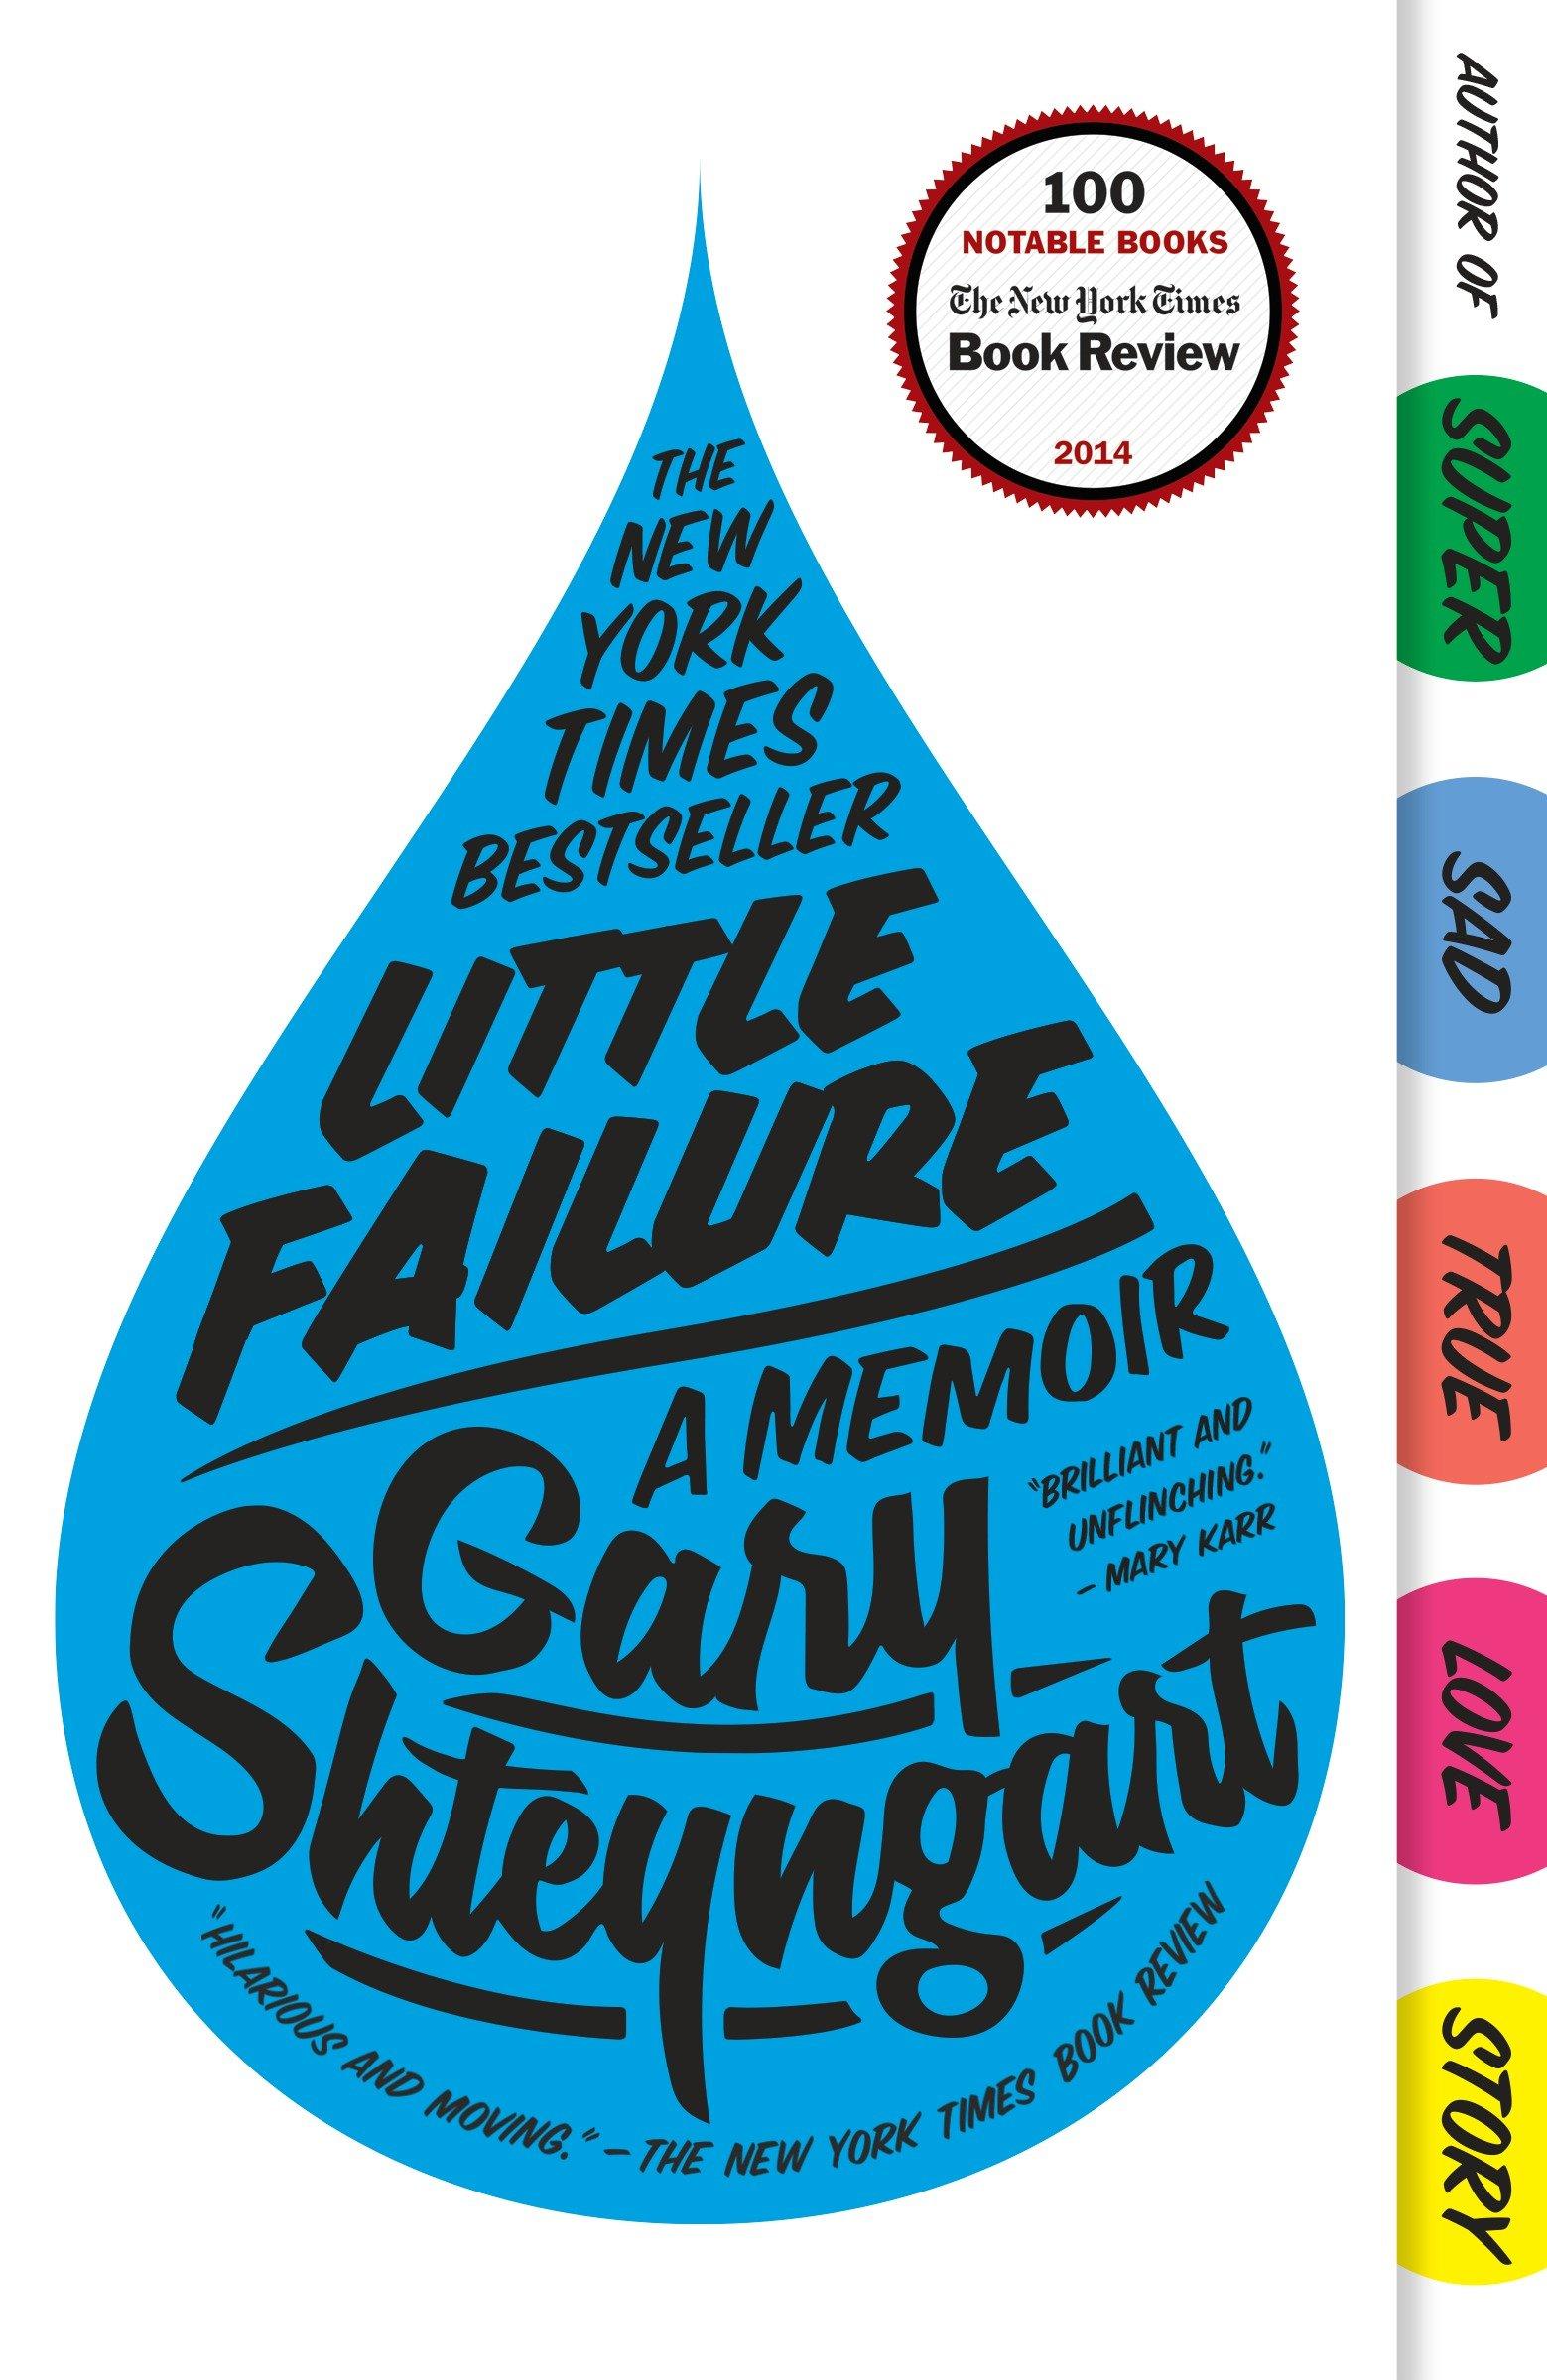 Little Failure A Memoir